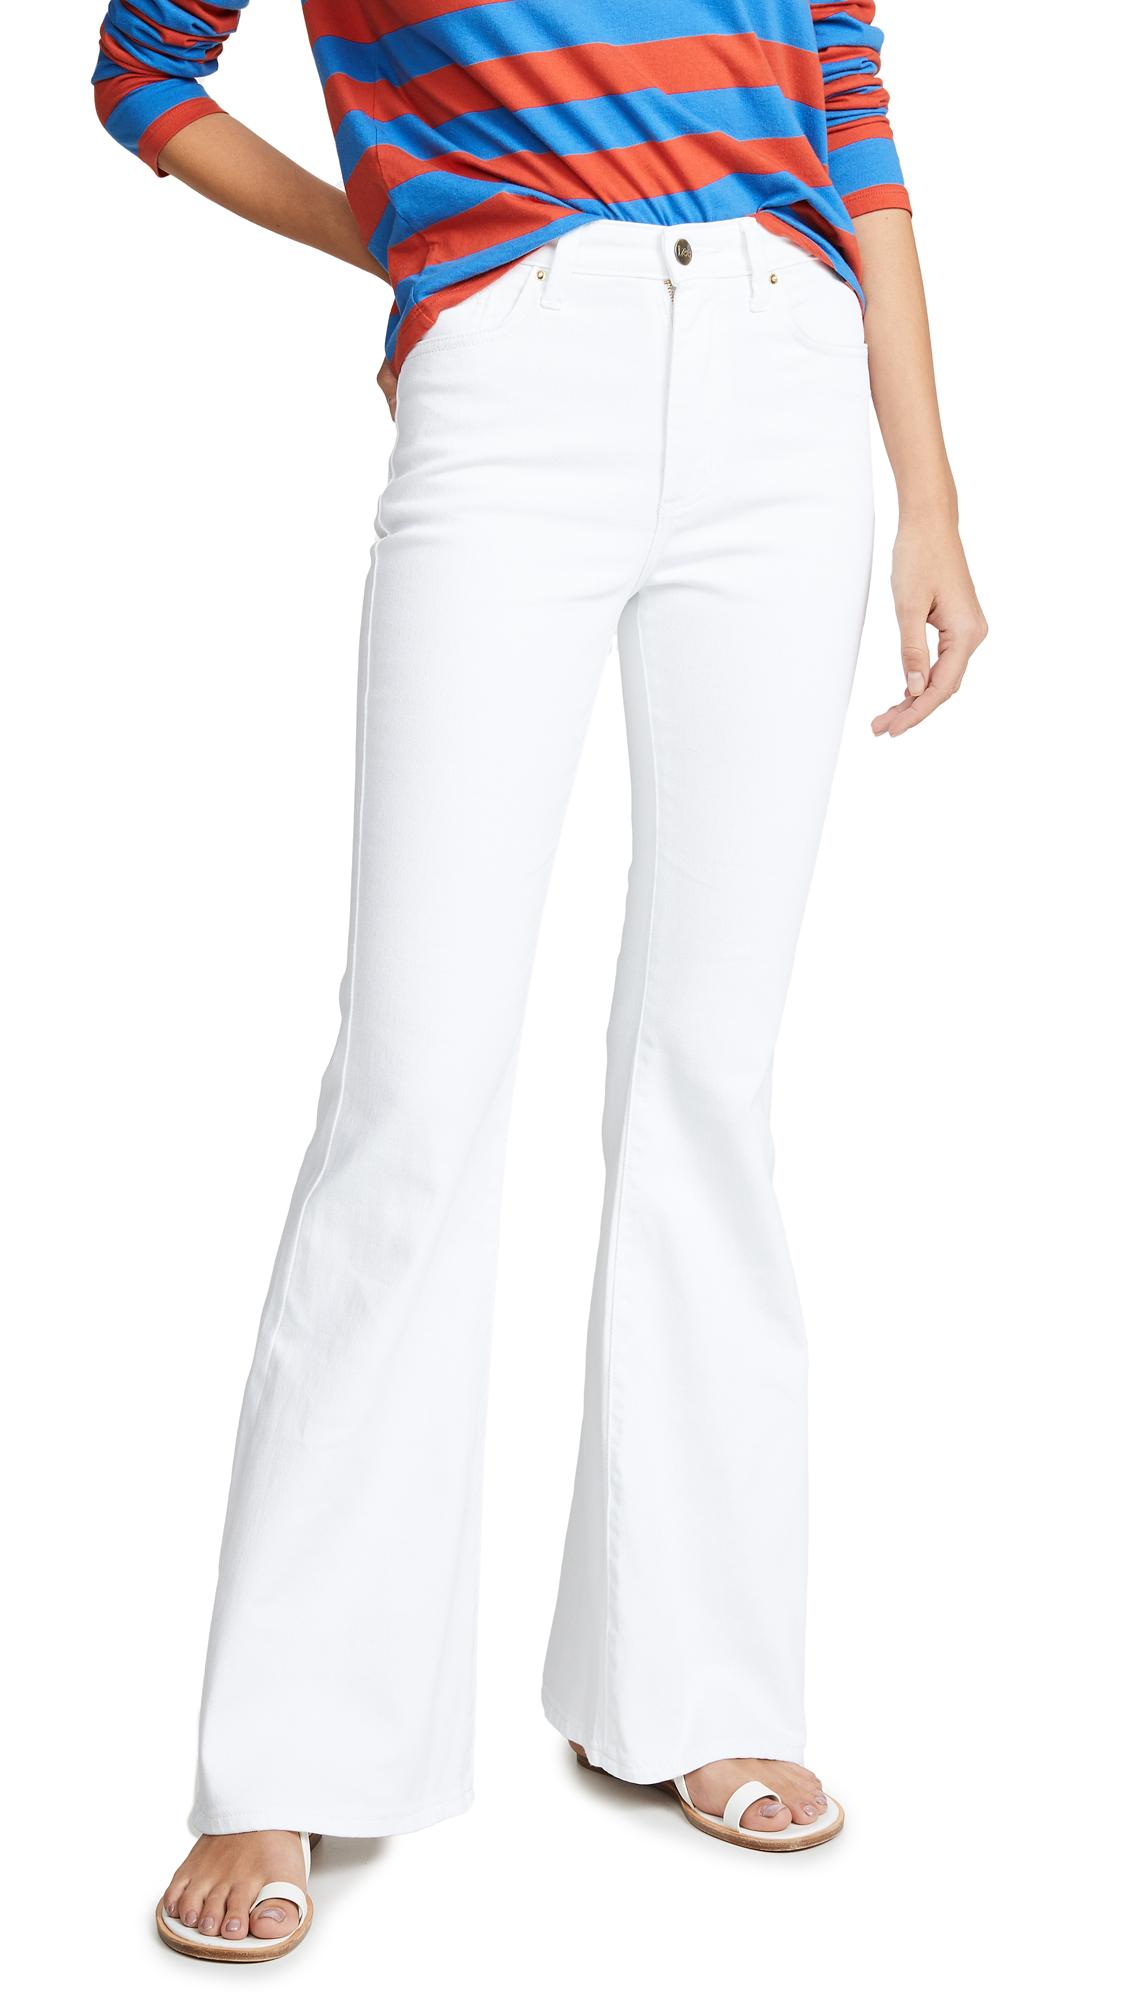 Lee Vintage Modern Flare Jeans - White